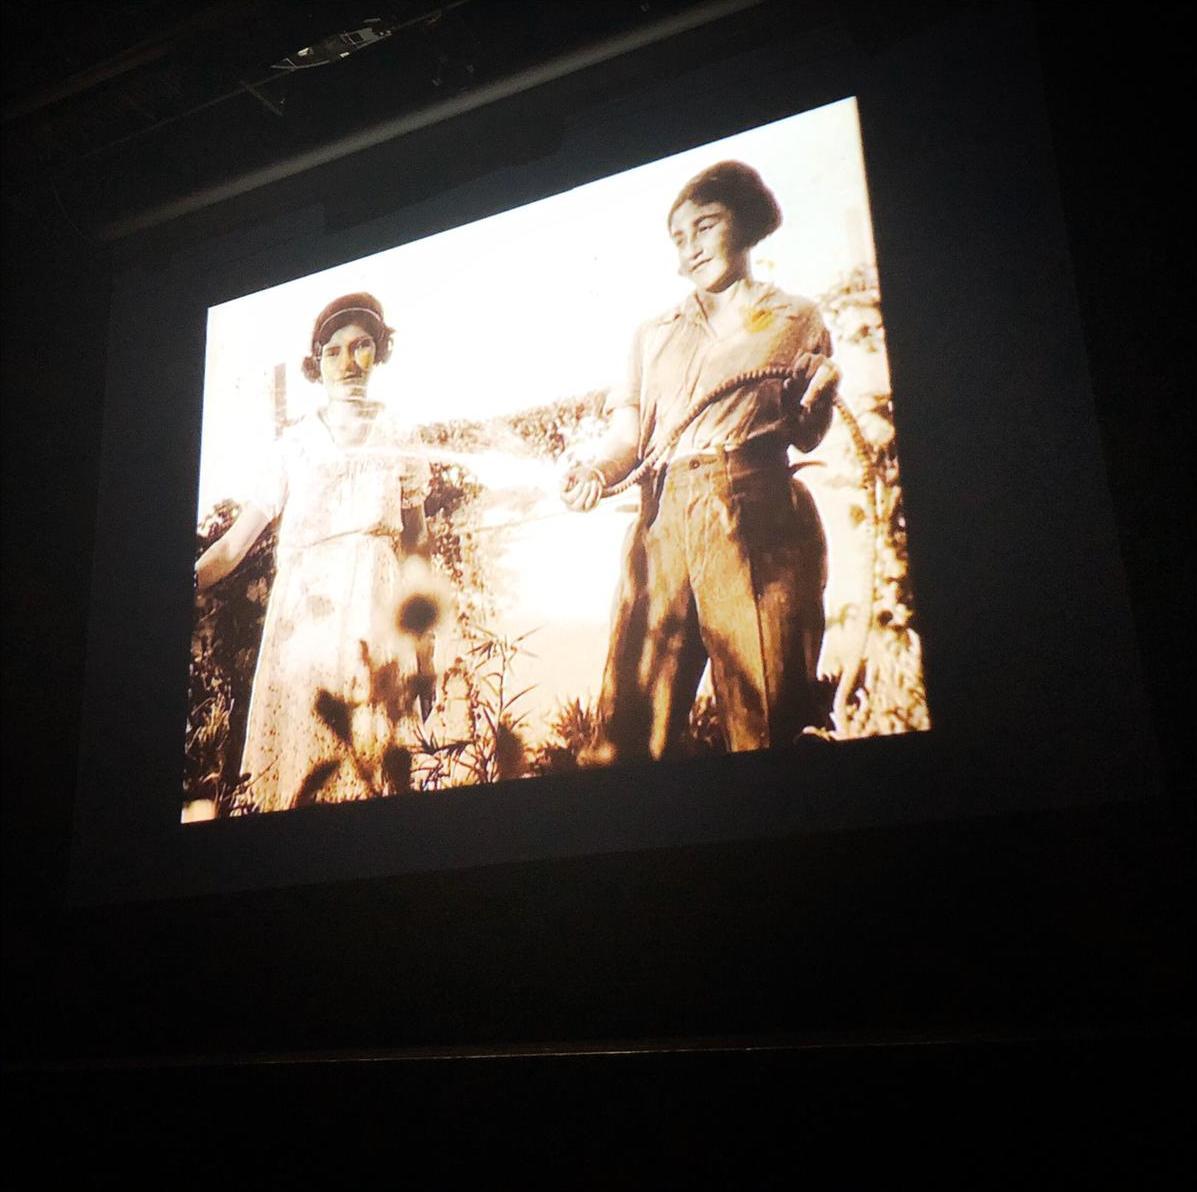 """عرض فيلم فؤاد الخوري وسيلڤان روميت """"أيام هادئة في فلسطين"""" في مسرح دوار الشمس، بيروت. الصورة: هبة حاج-فلدر."""